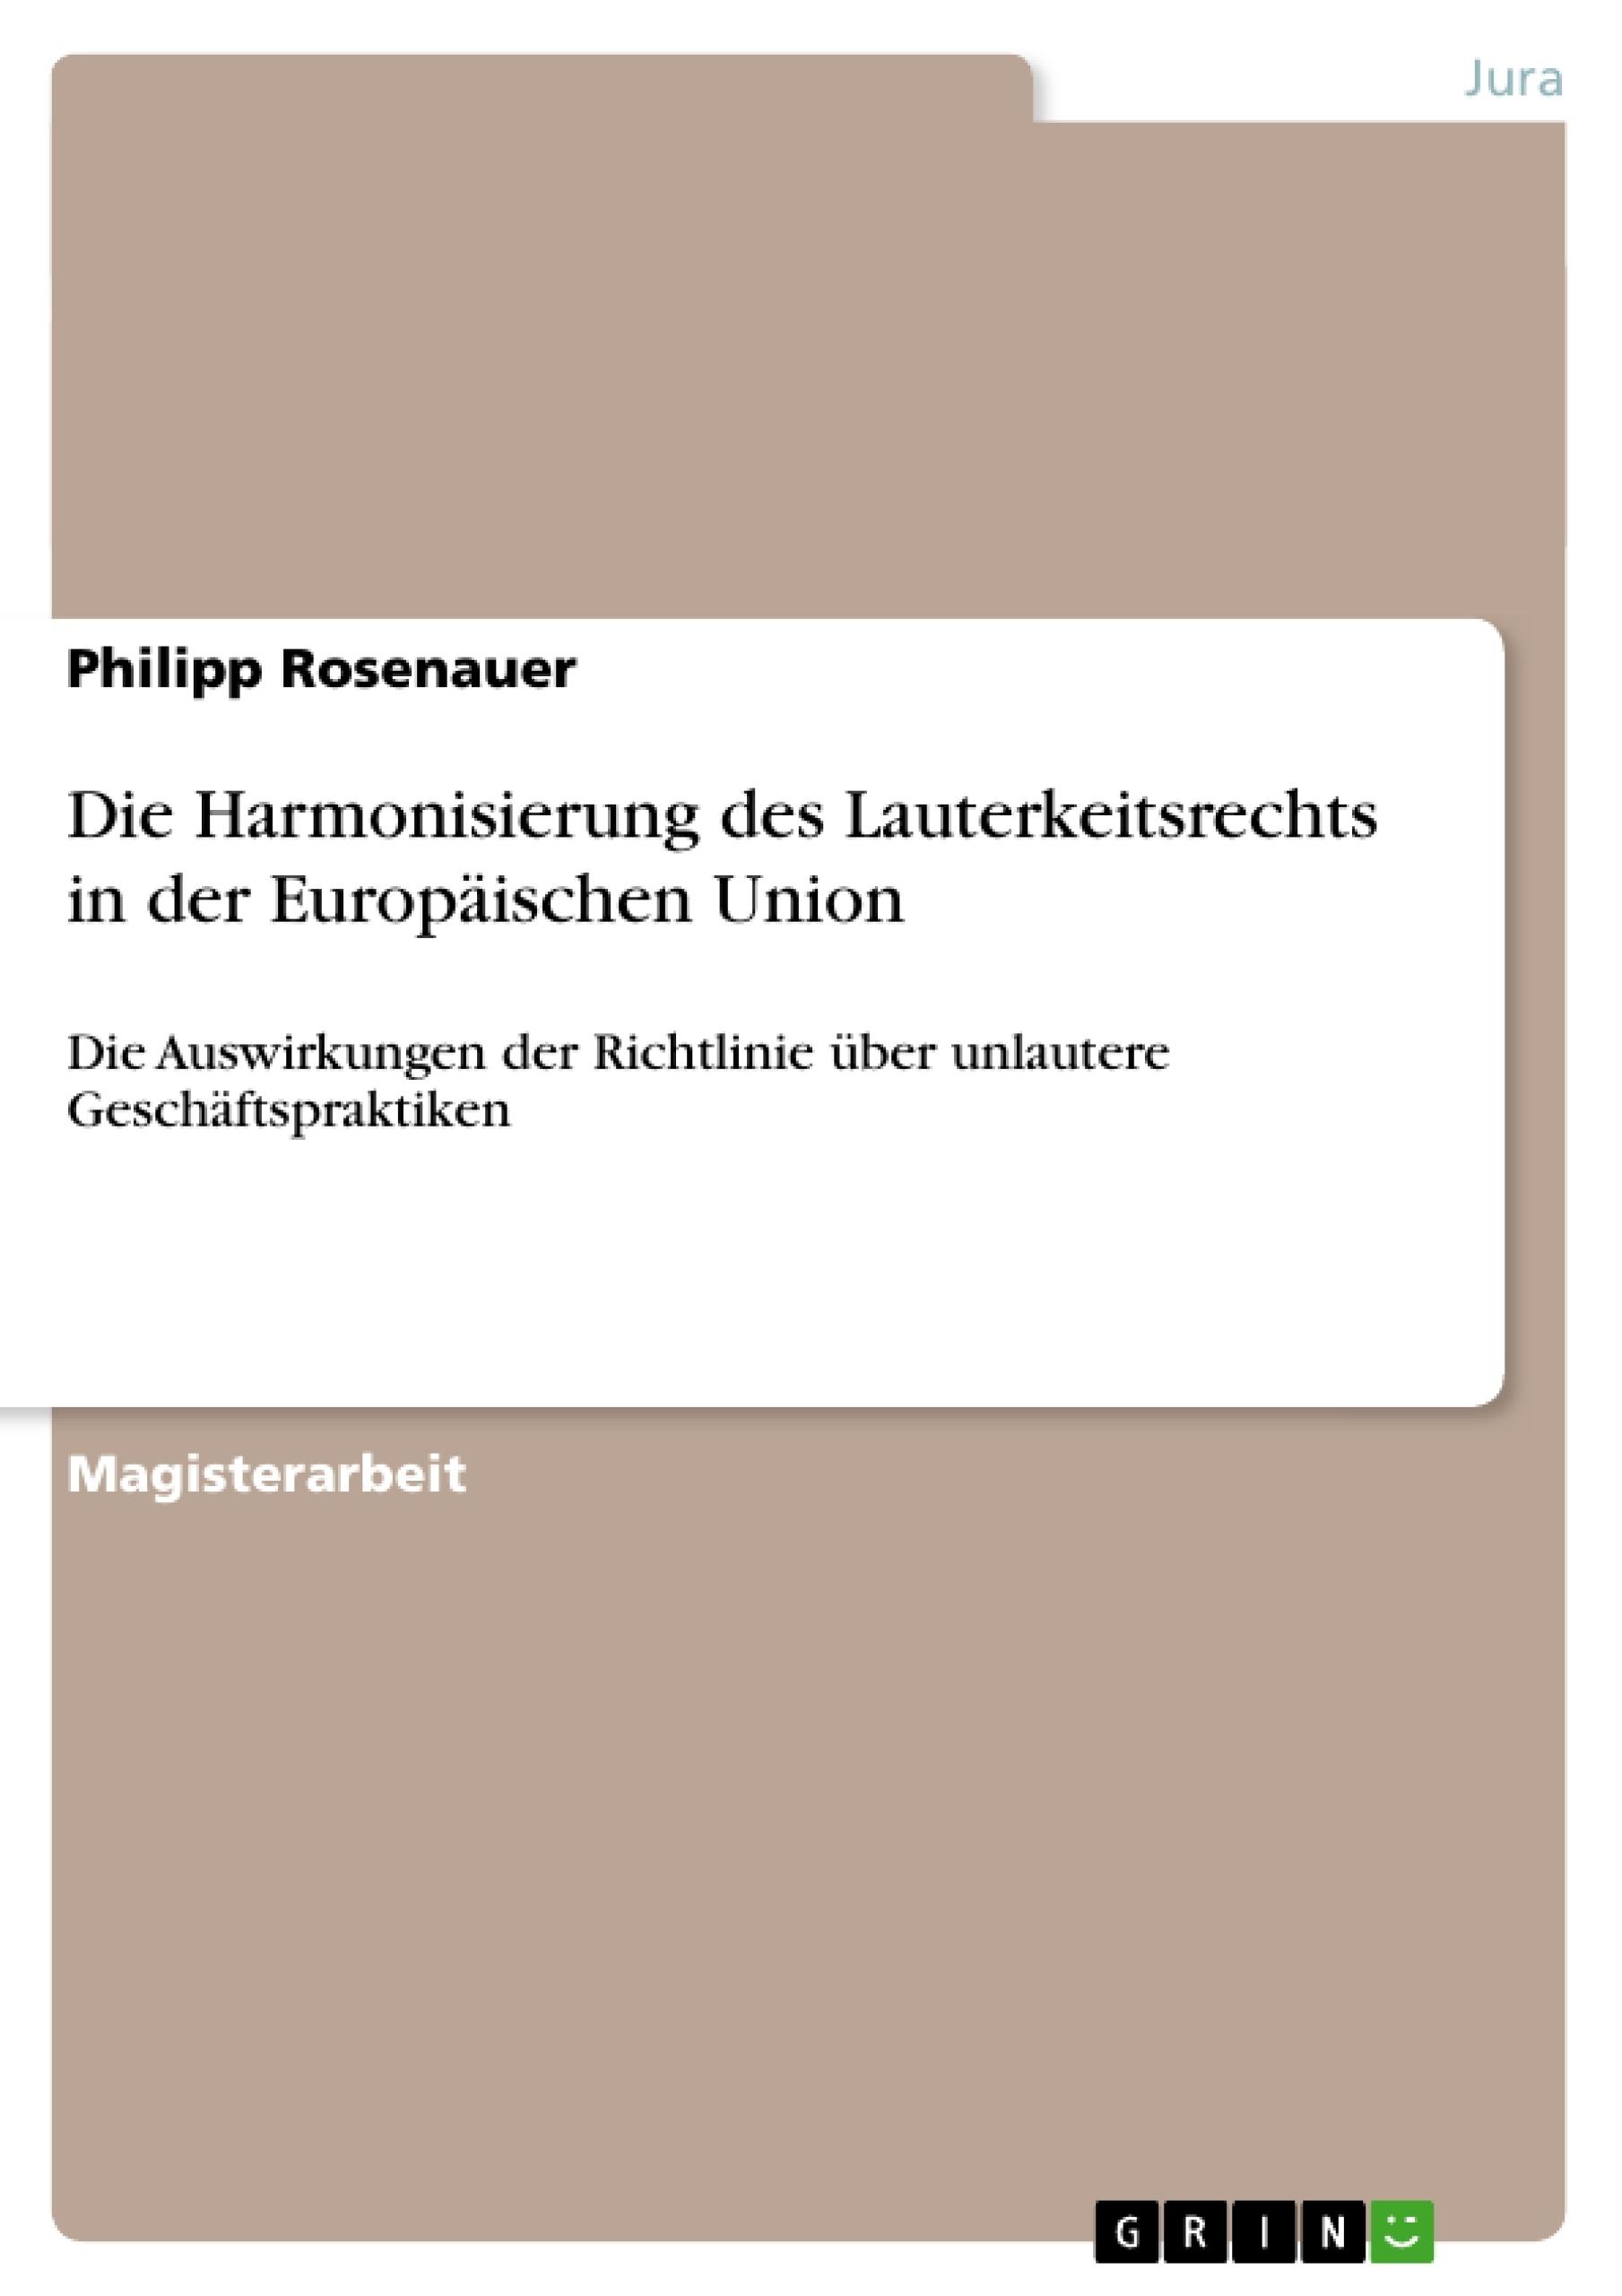 Titel: Die Harmonisierung des Lauterkeitsrechts in der Europäischen Union